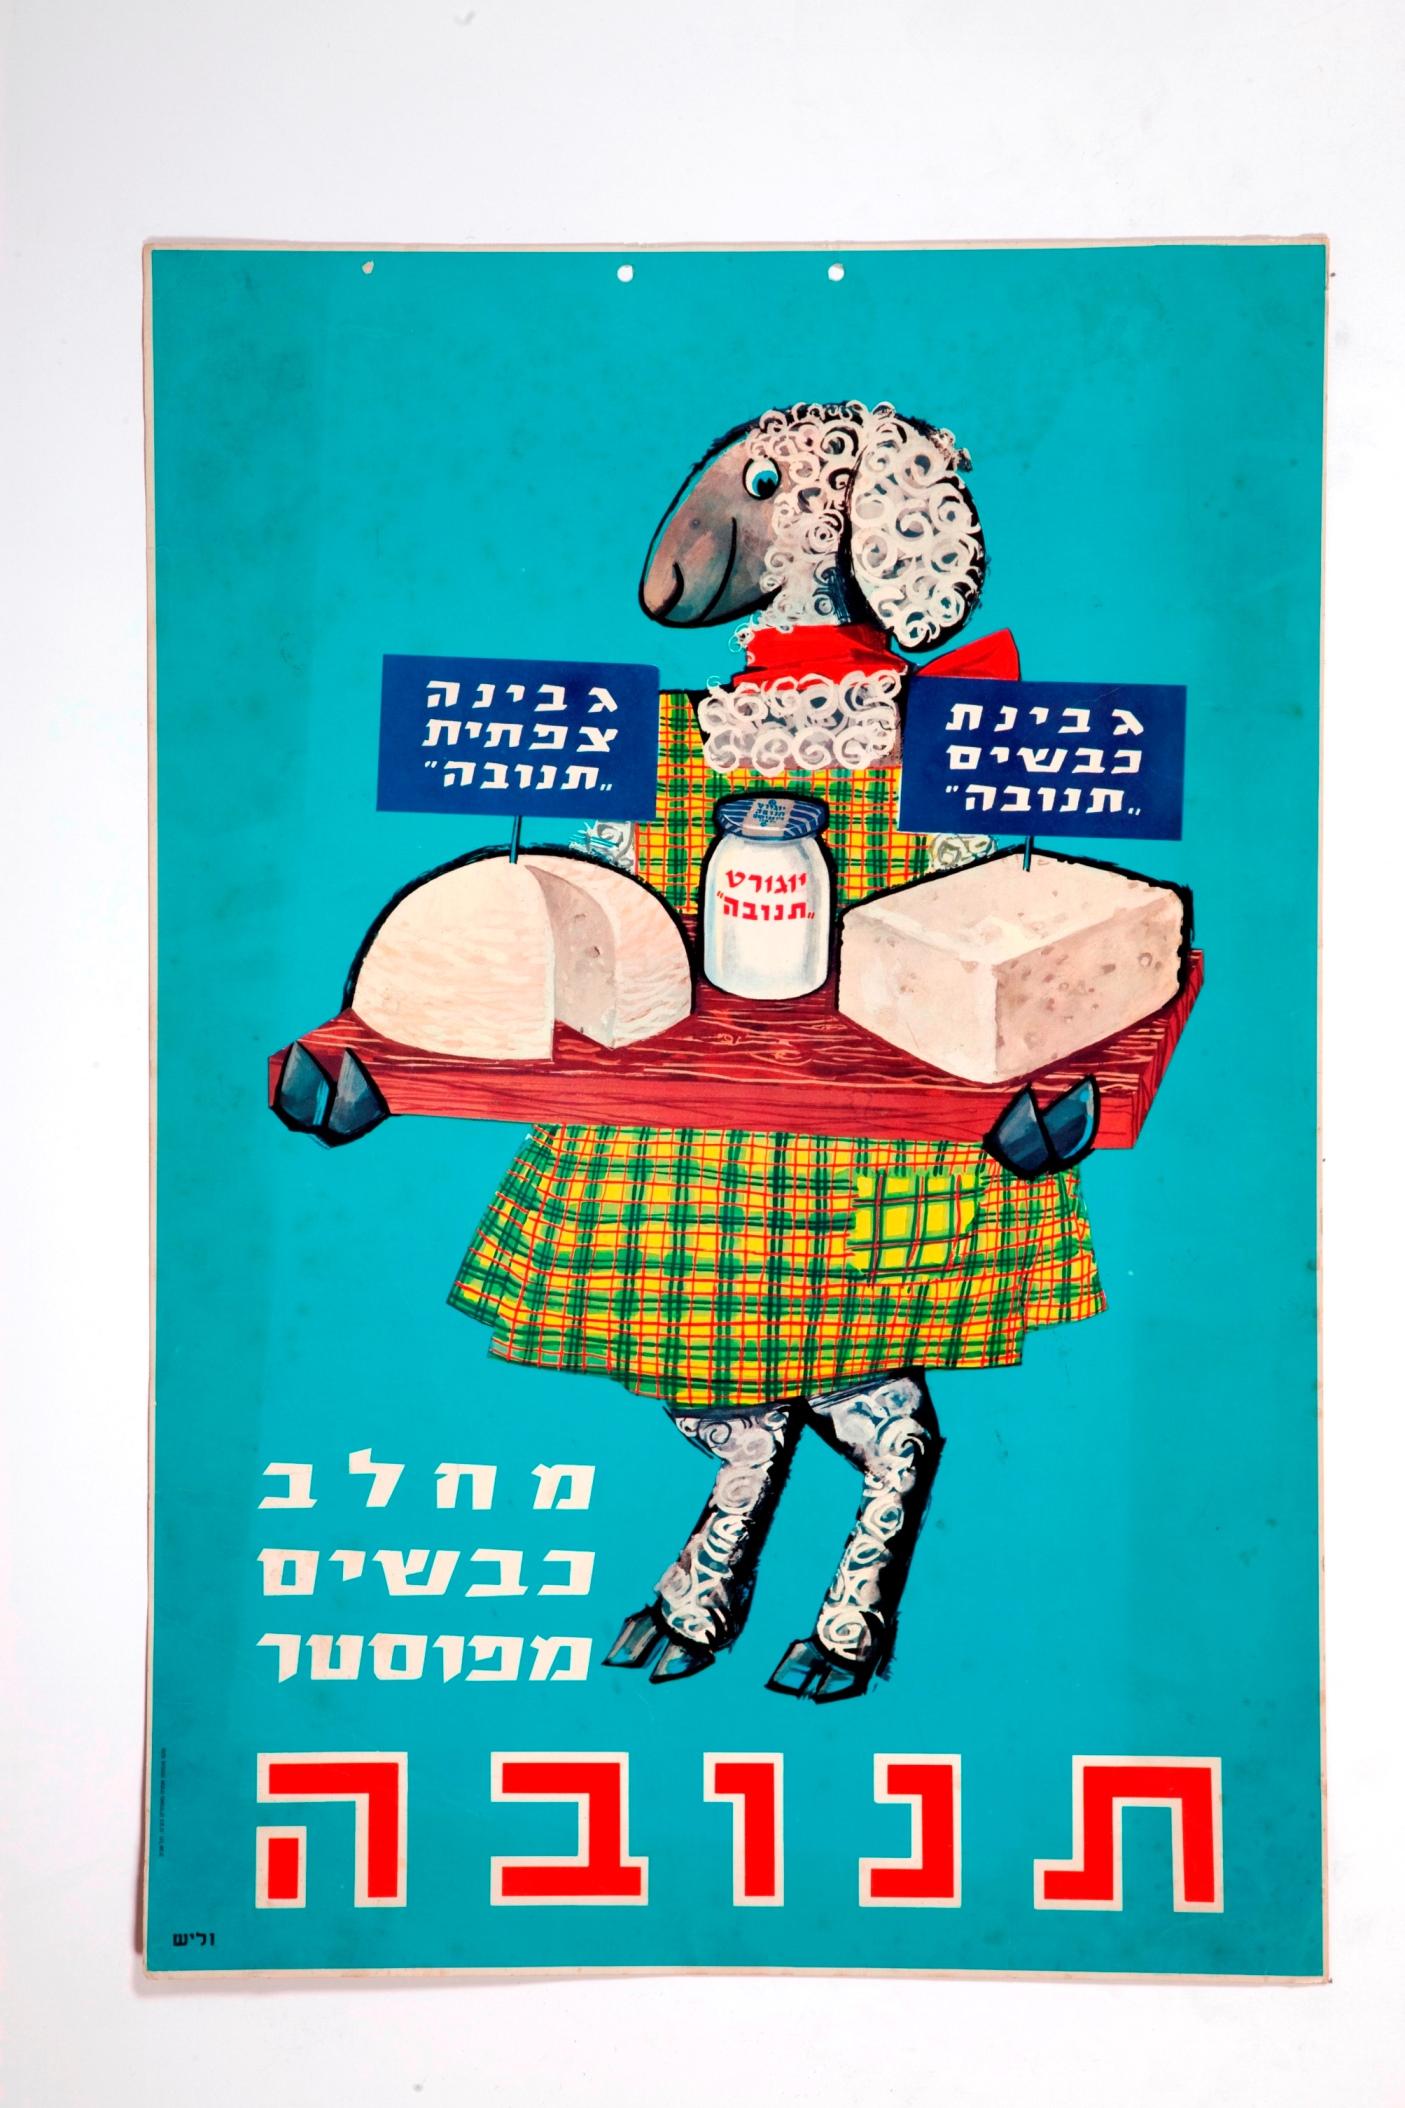 פרסומת נוסטלגית של תנובה, תערוכת המודעות בתפן (צילום: אוטה וליש מאוסף ערי וליש)